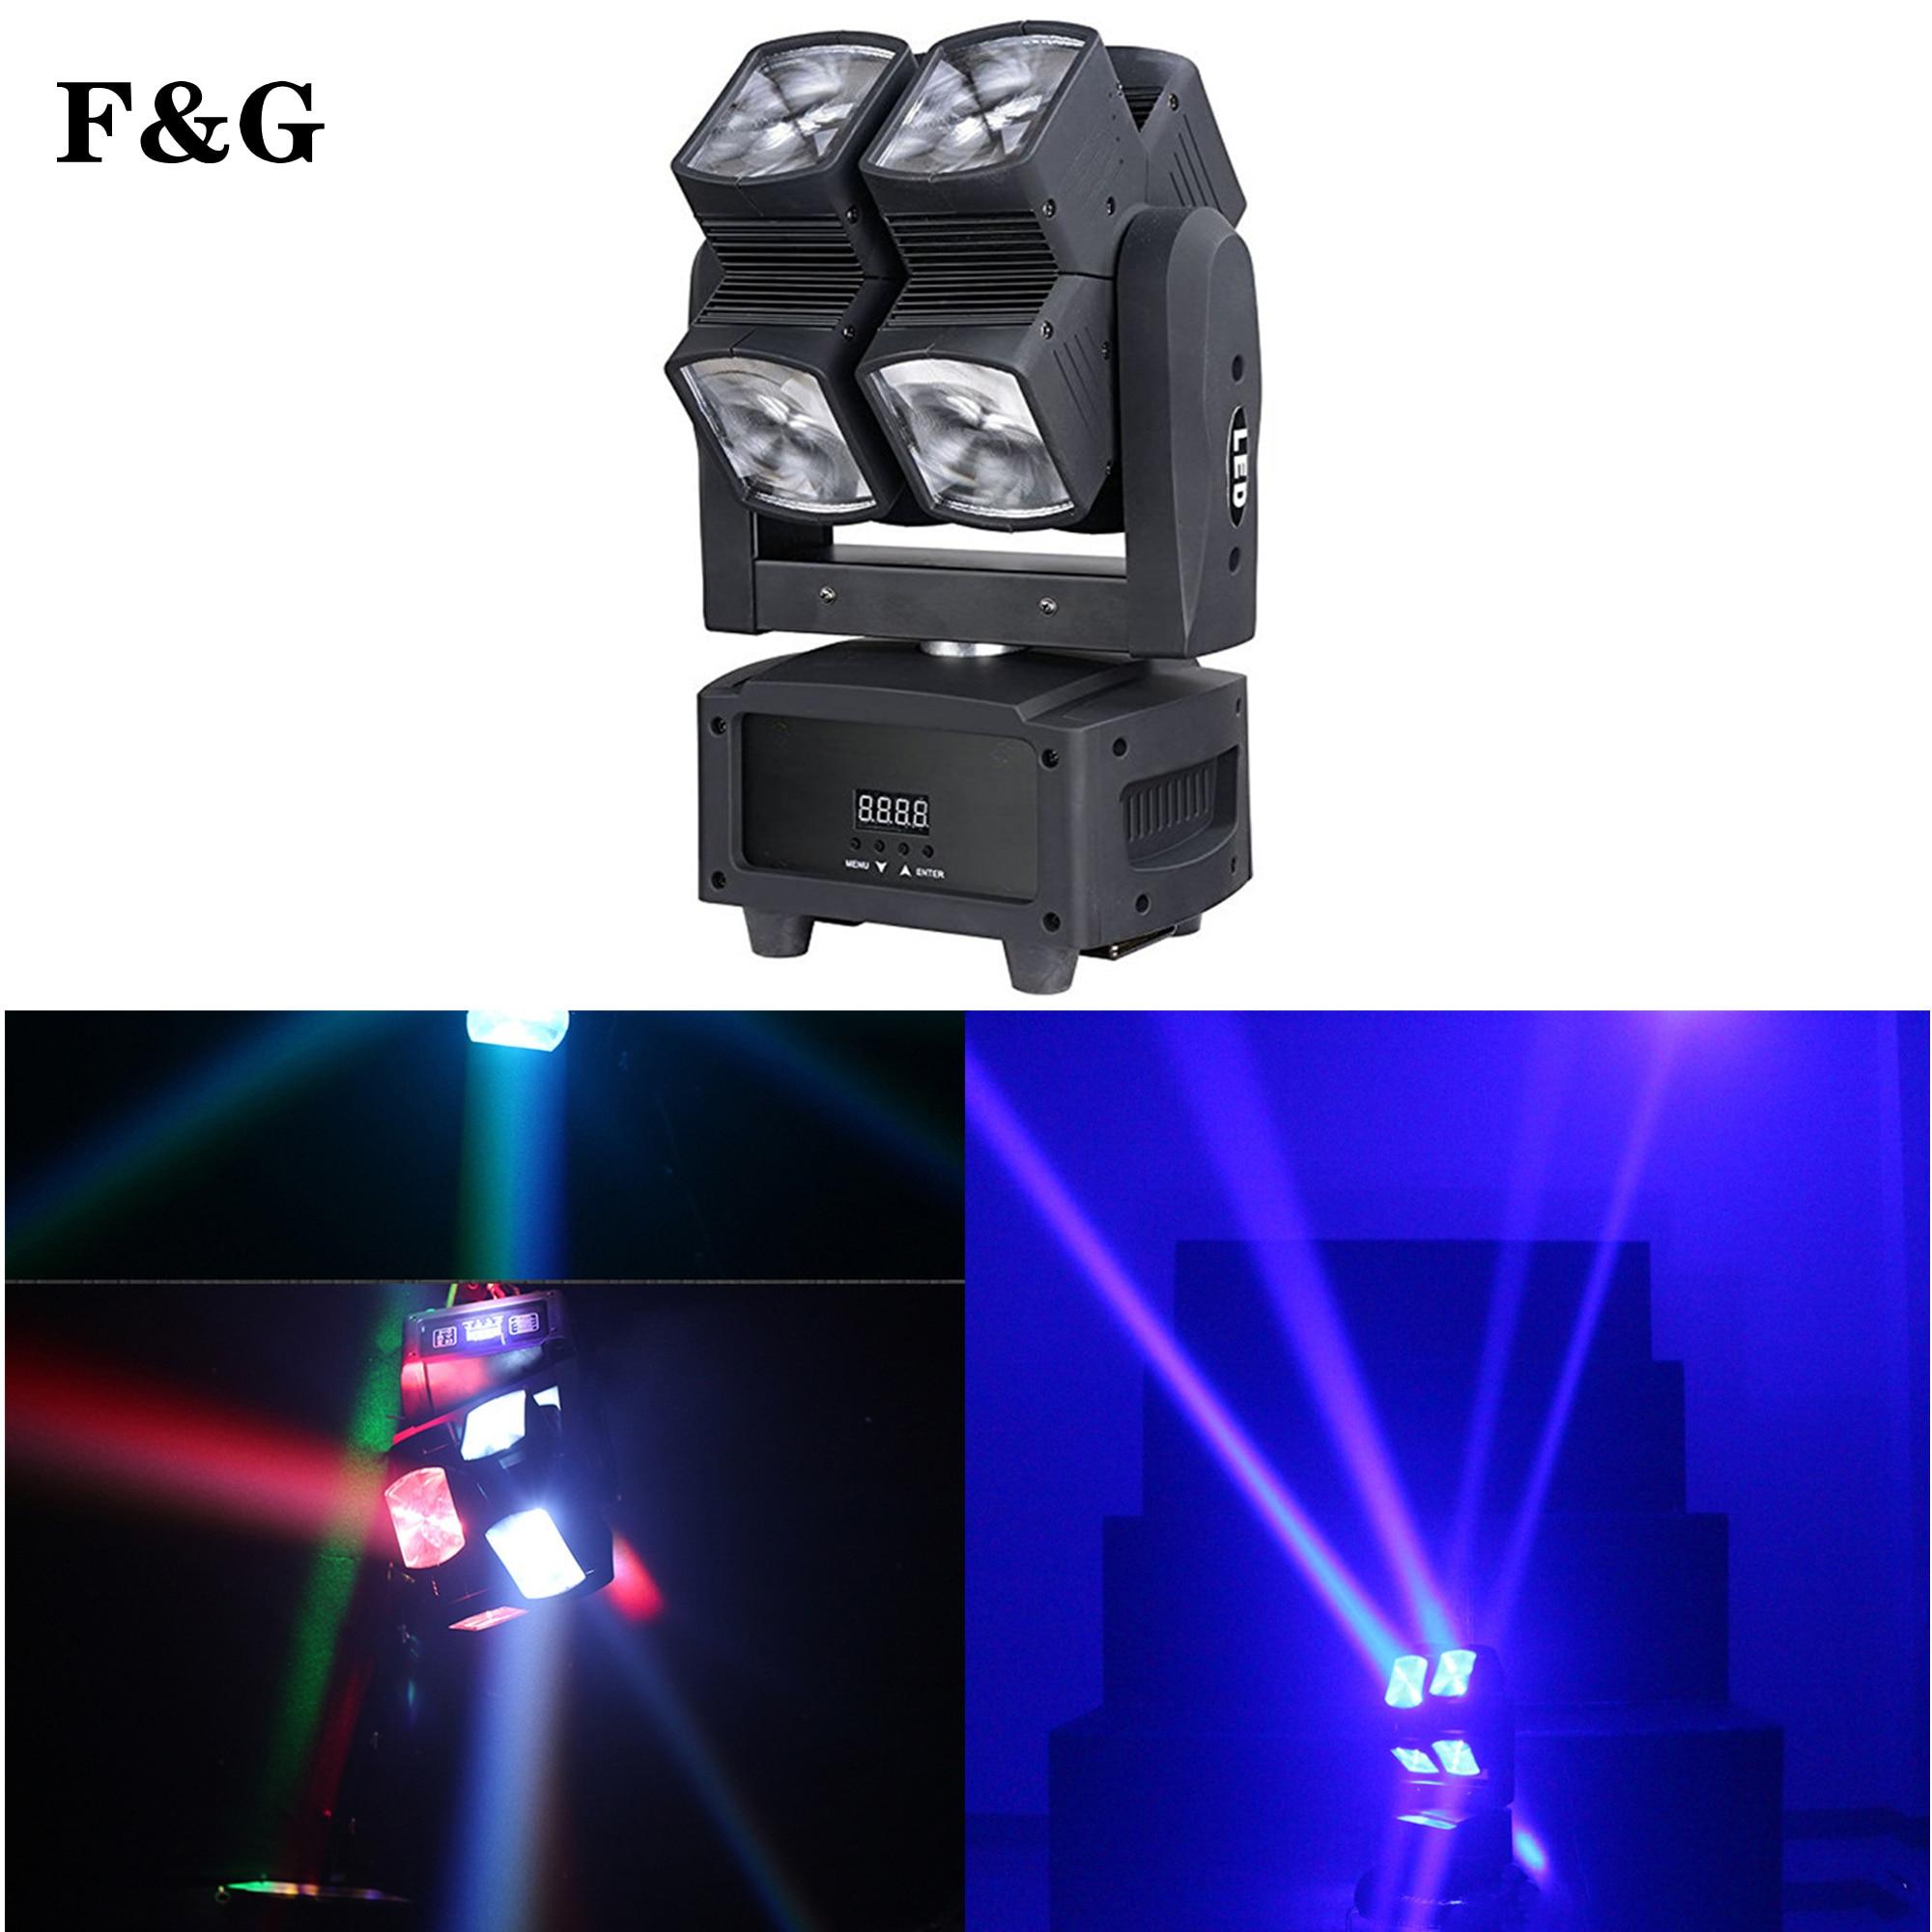 F & G ضوء المرحلة DMX LED 8x10 واط RGBW 4 في 1 تتحرك رئيس ضوء عجلة ساخنة لانهائية دوران LED شعاع المرحلة KTV DJ حفل زفاف